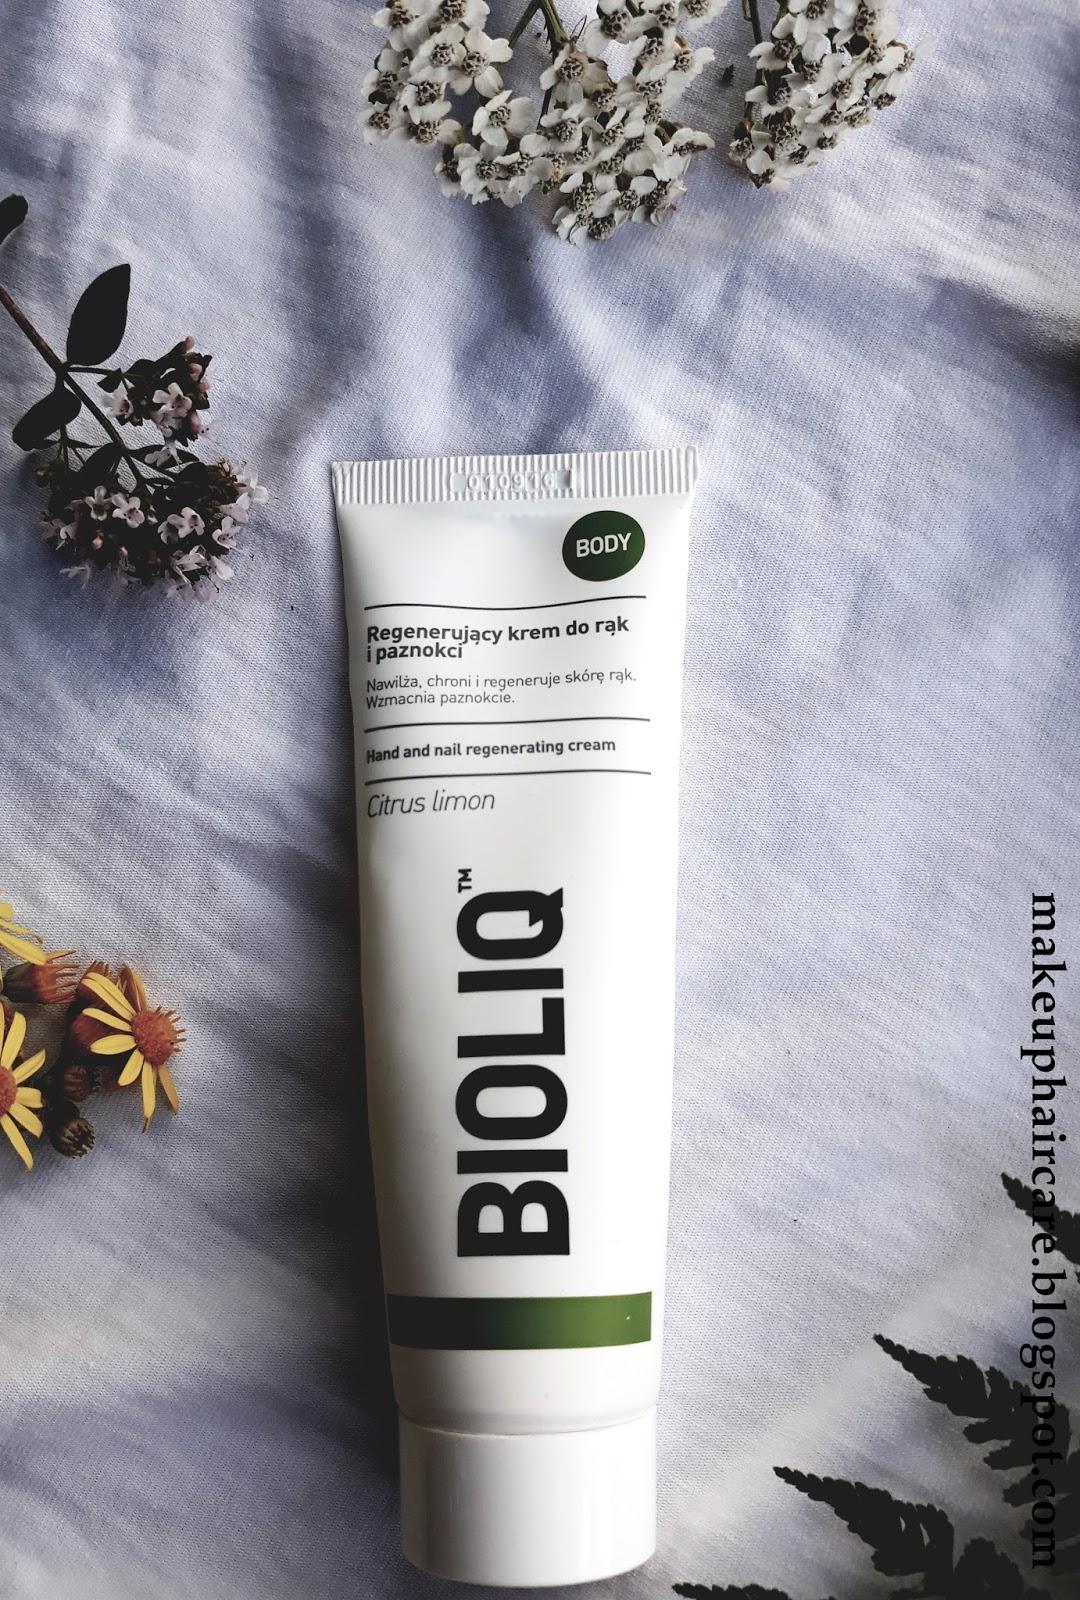 Bioliq Body, krem regenerujący do rąk i paznokci